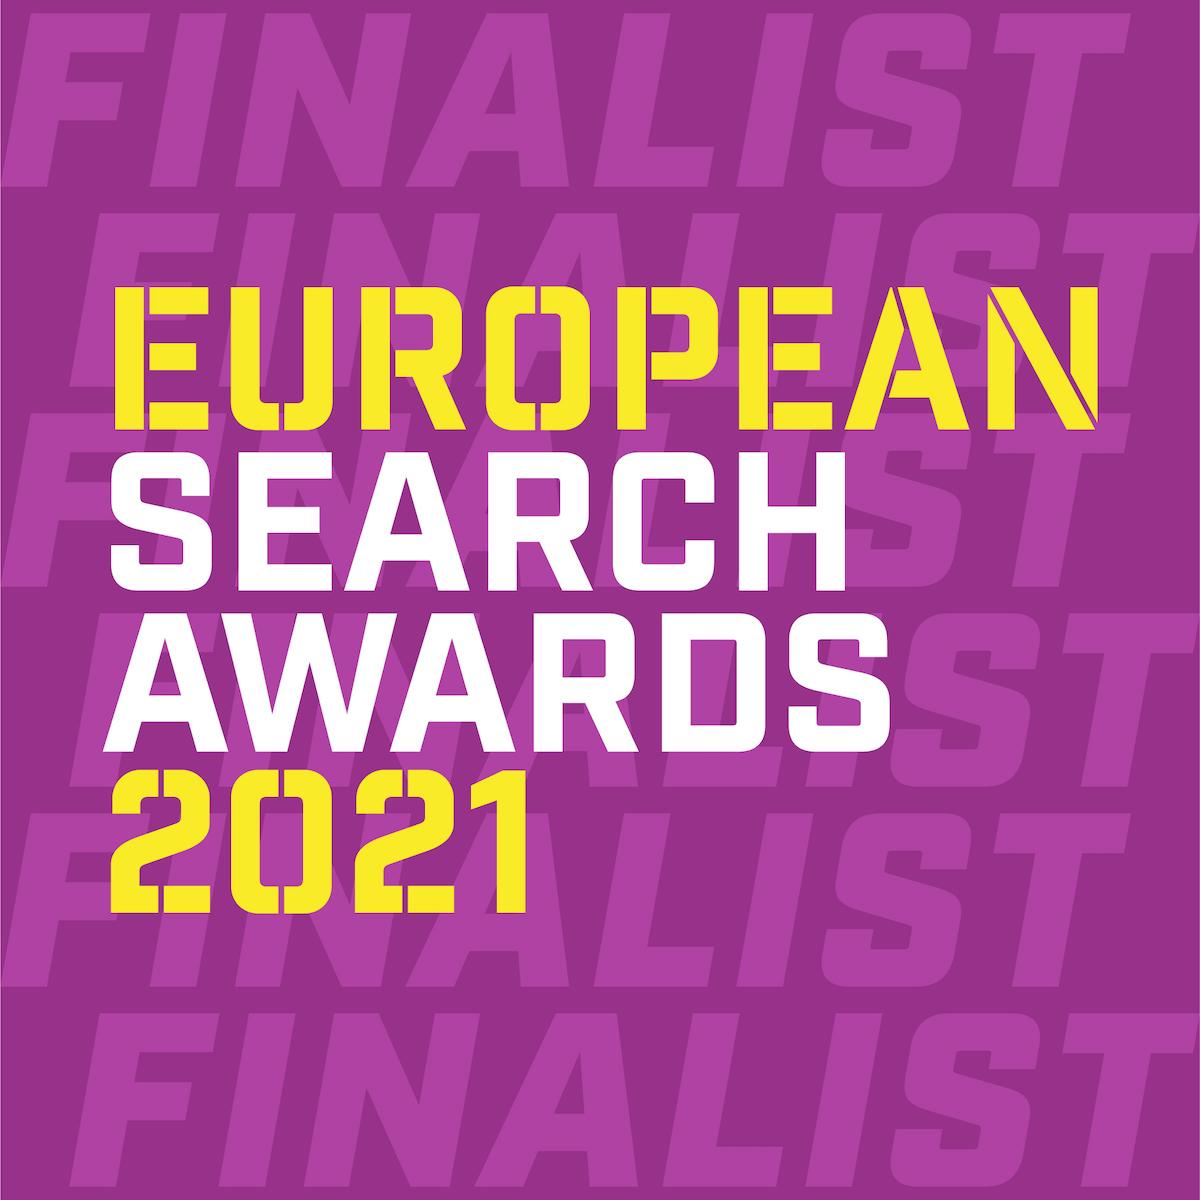 Search Awards European 2021